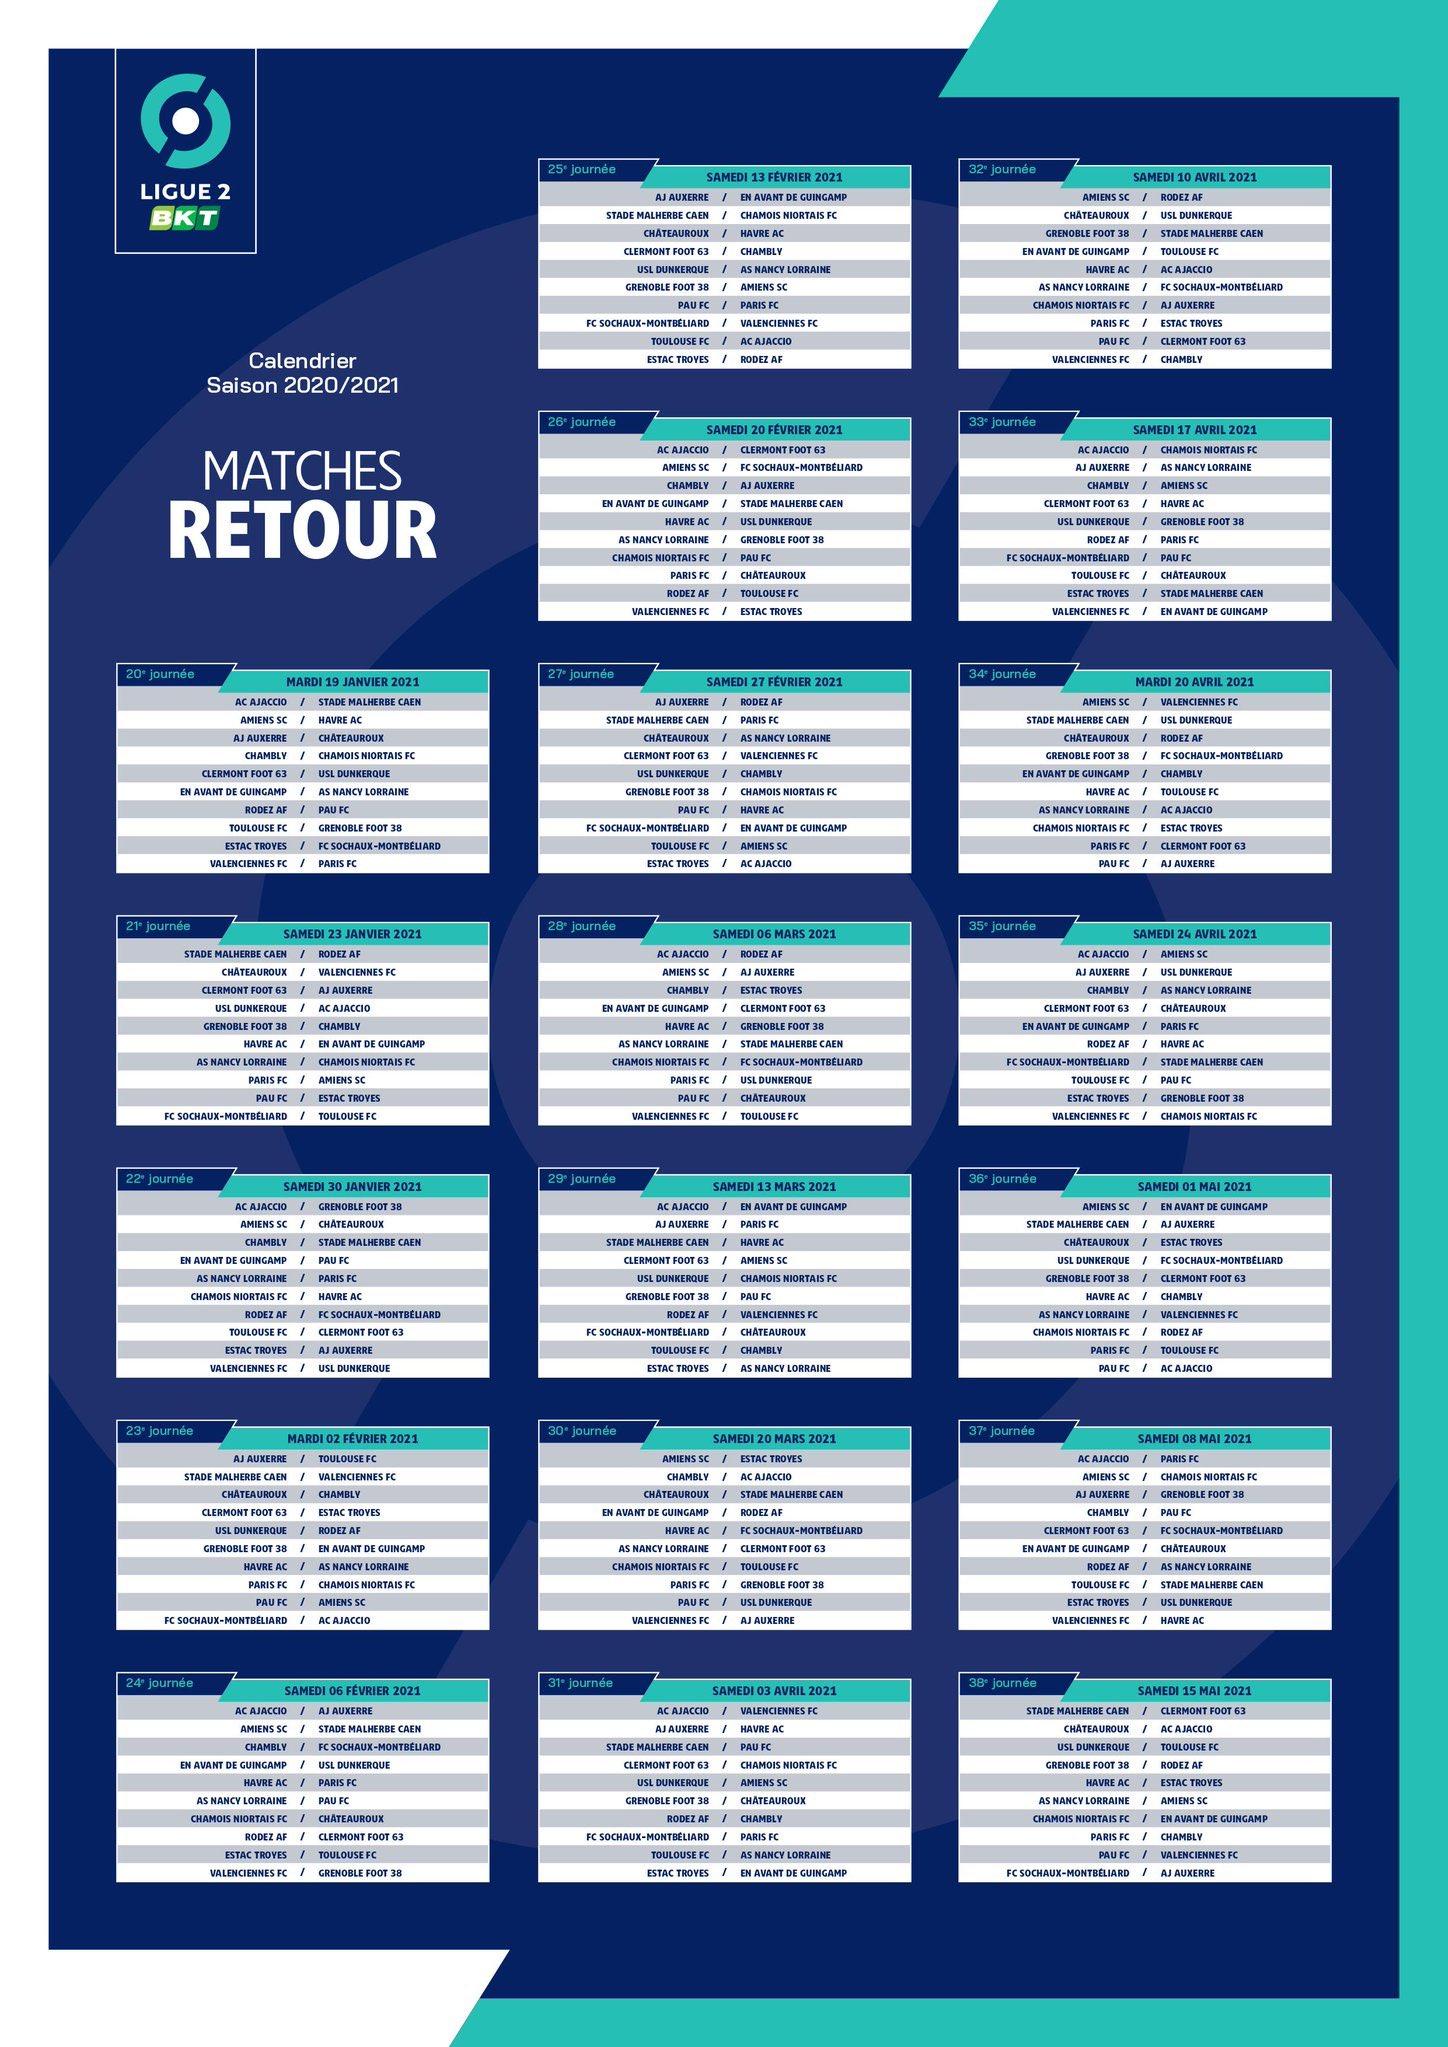 Ligue 2 Le Calendrier 2020 2021 Journee Par Journee Grenoble Foot Info